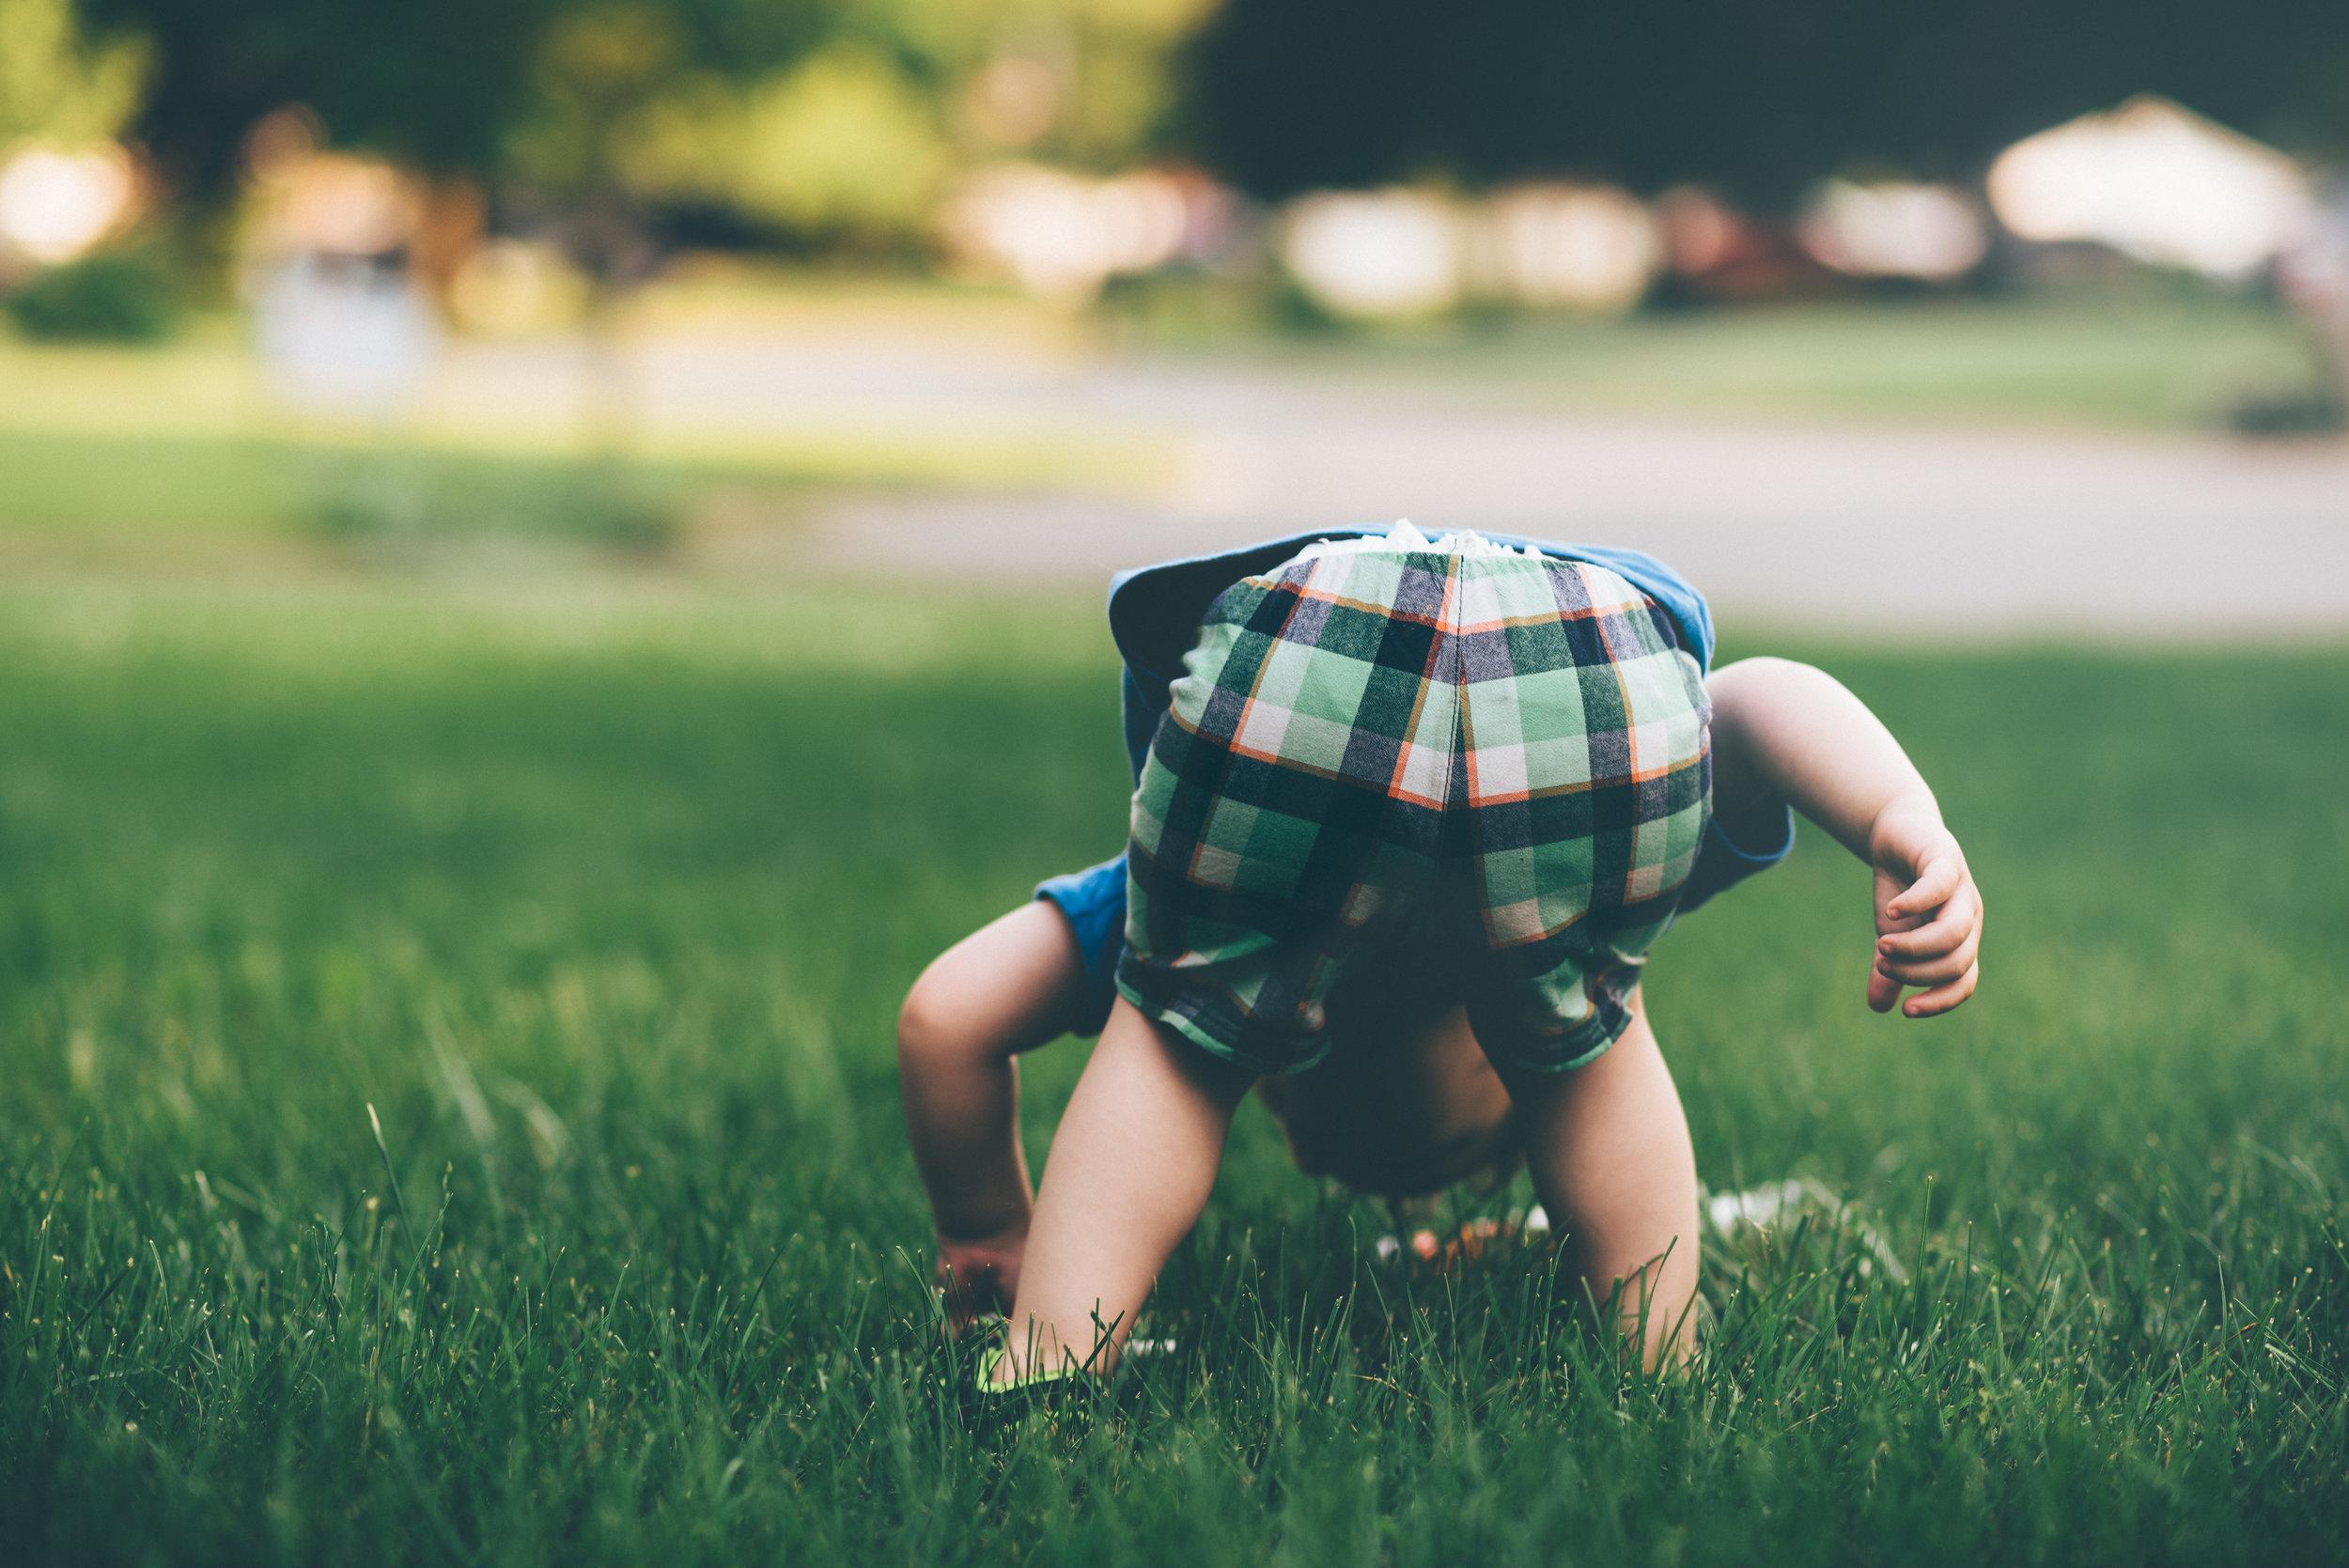 Toddler Play - Jordan Whitt